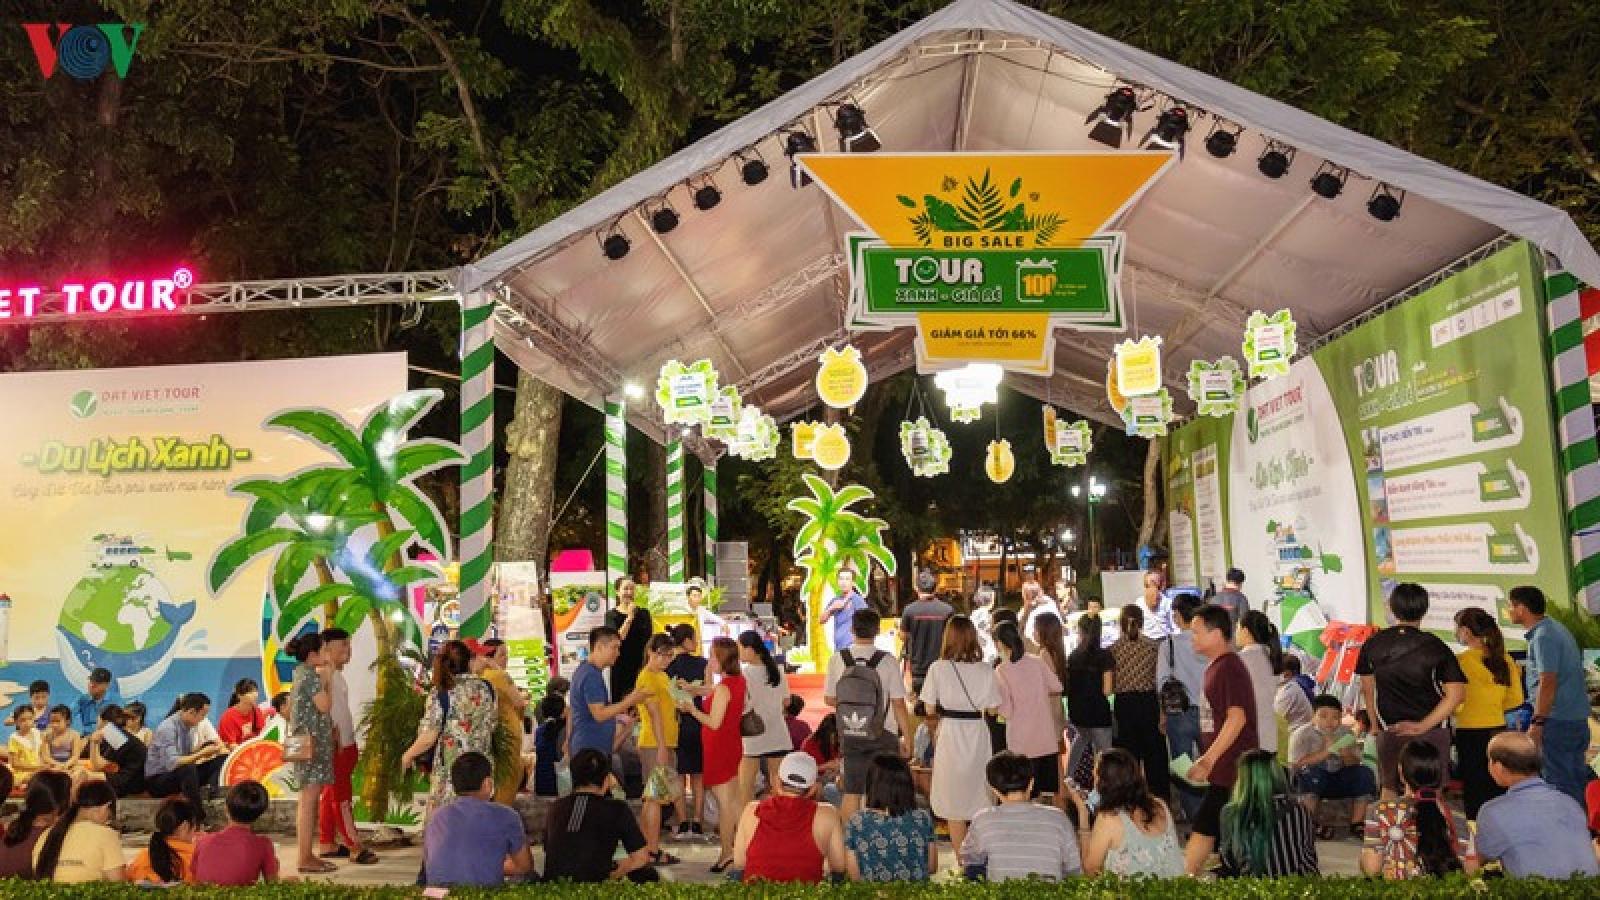 Doanh thu ngành du lịch đạt trên 40 tỷ đồng qua Ngày hội du lịch TPHCM